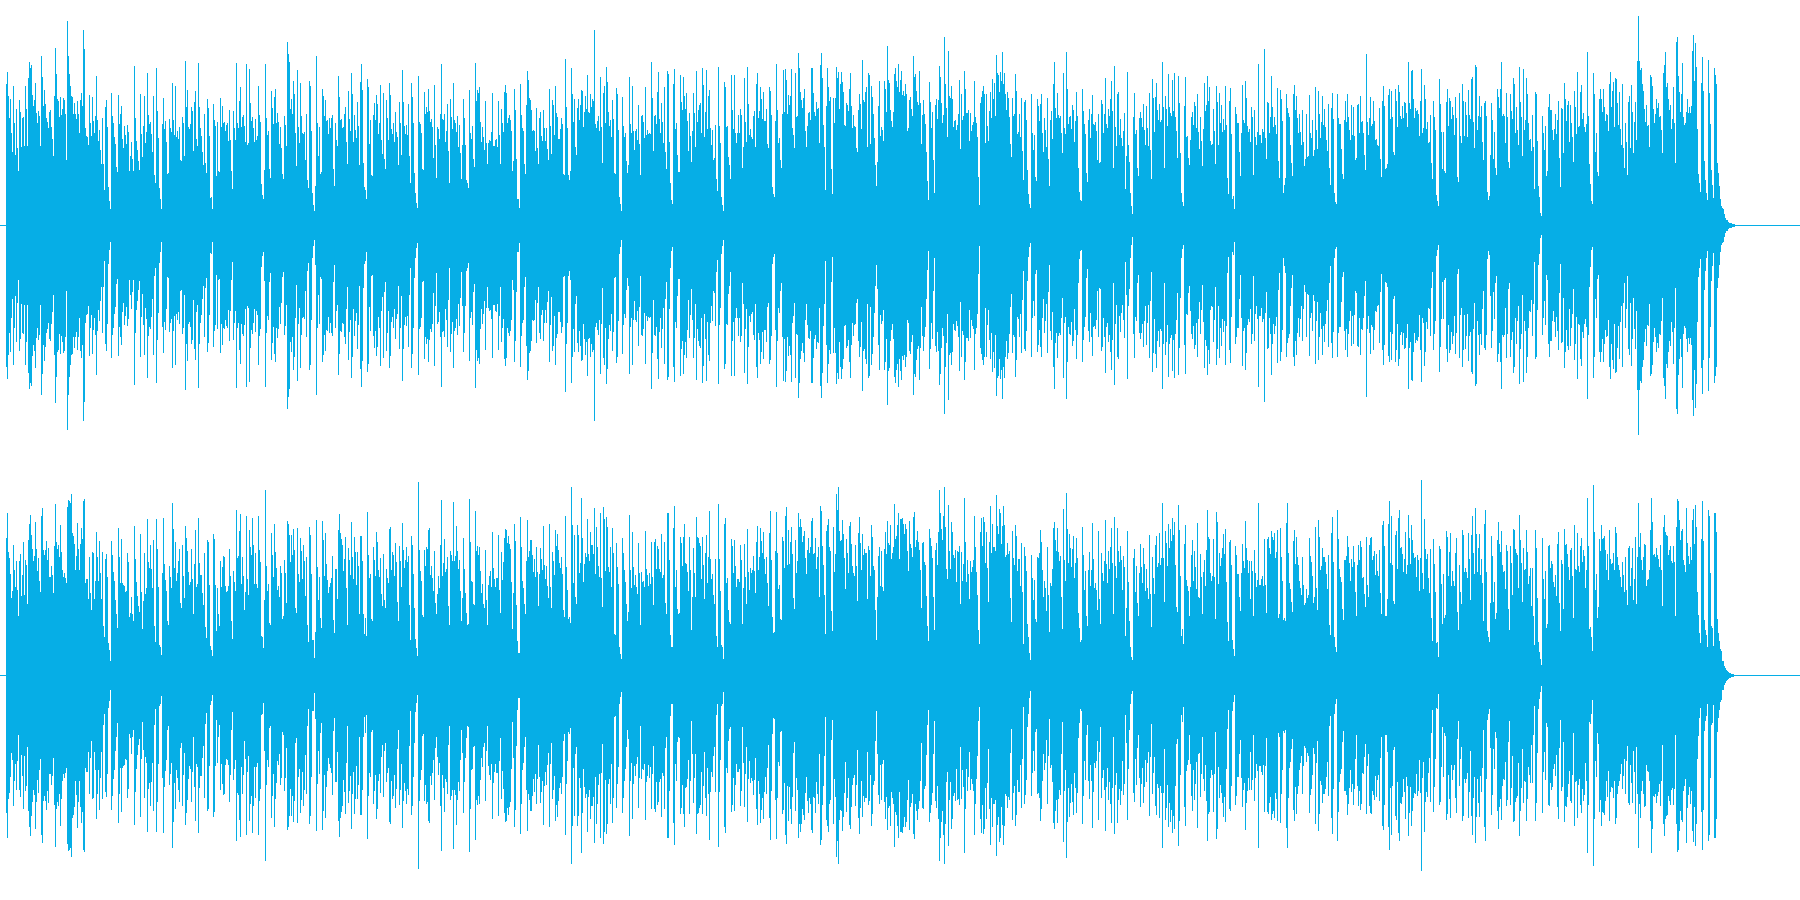 リズミックで爽やかなスタンダードポップスの再生済みの波形